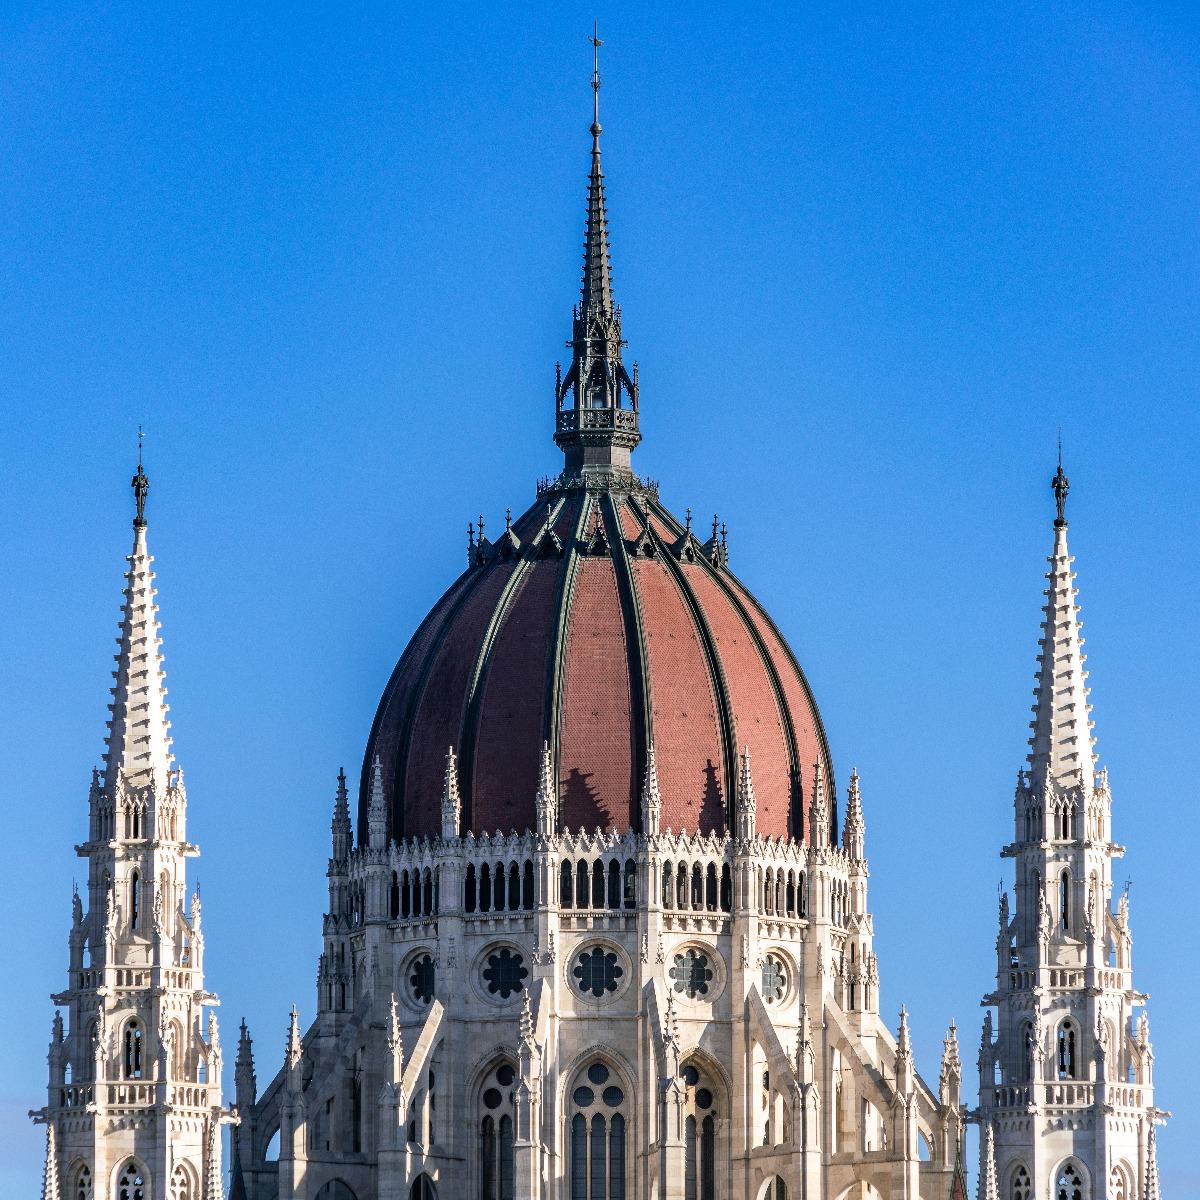 01 Budapest-Orszaghaz 20161129-130810 ILCE-7RM2 DSC04273 BKGy rw-cr